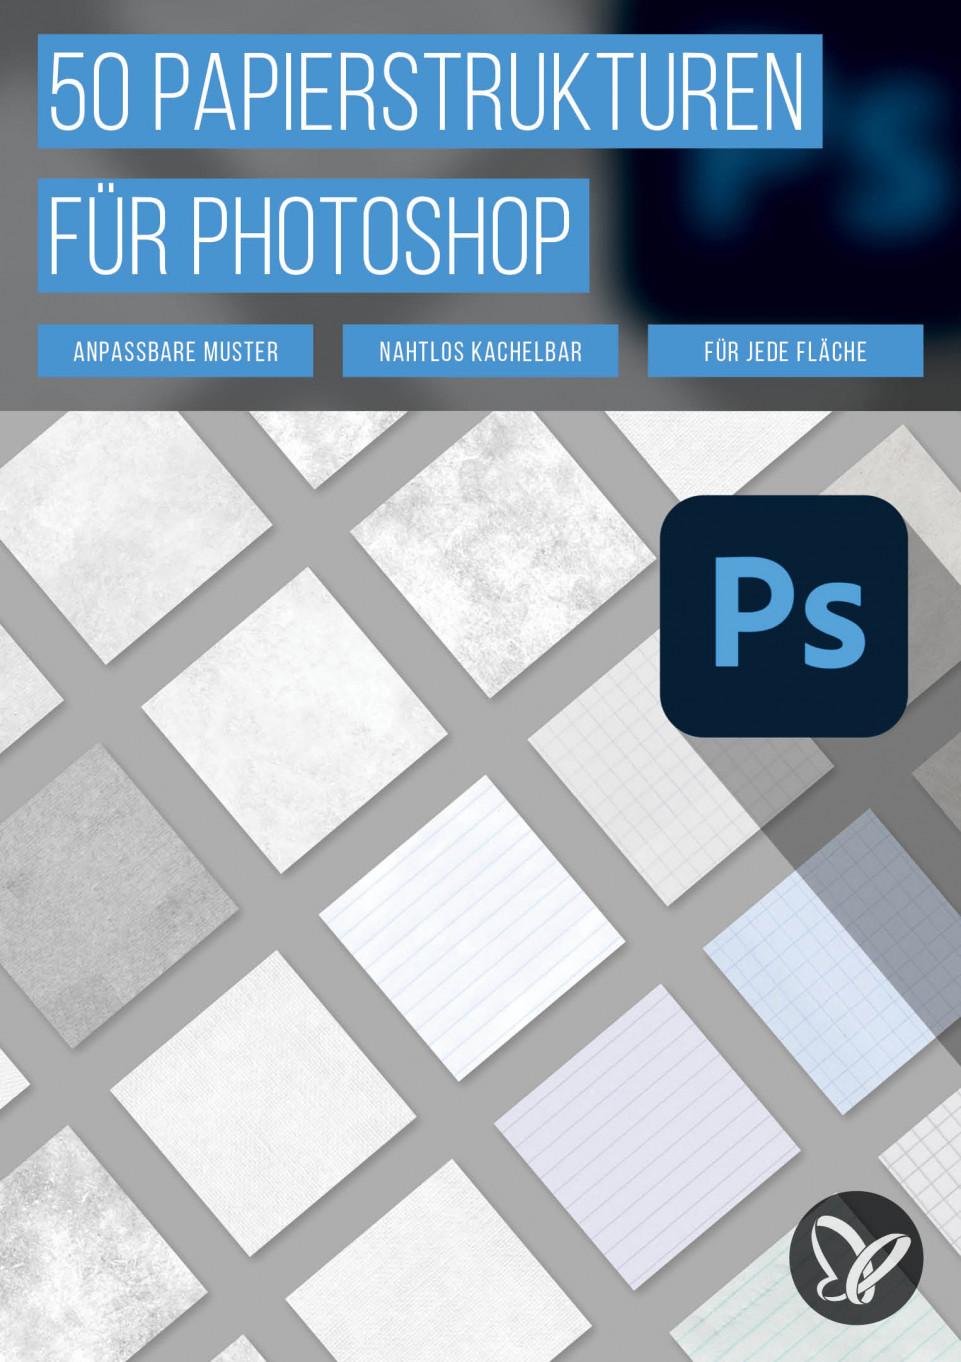 50 Papierstrukturen als Muster für Photoshop